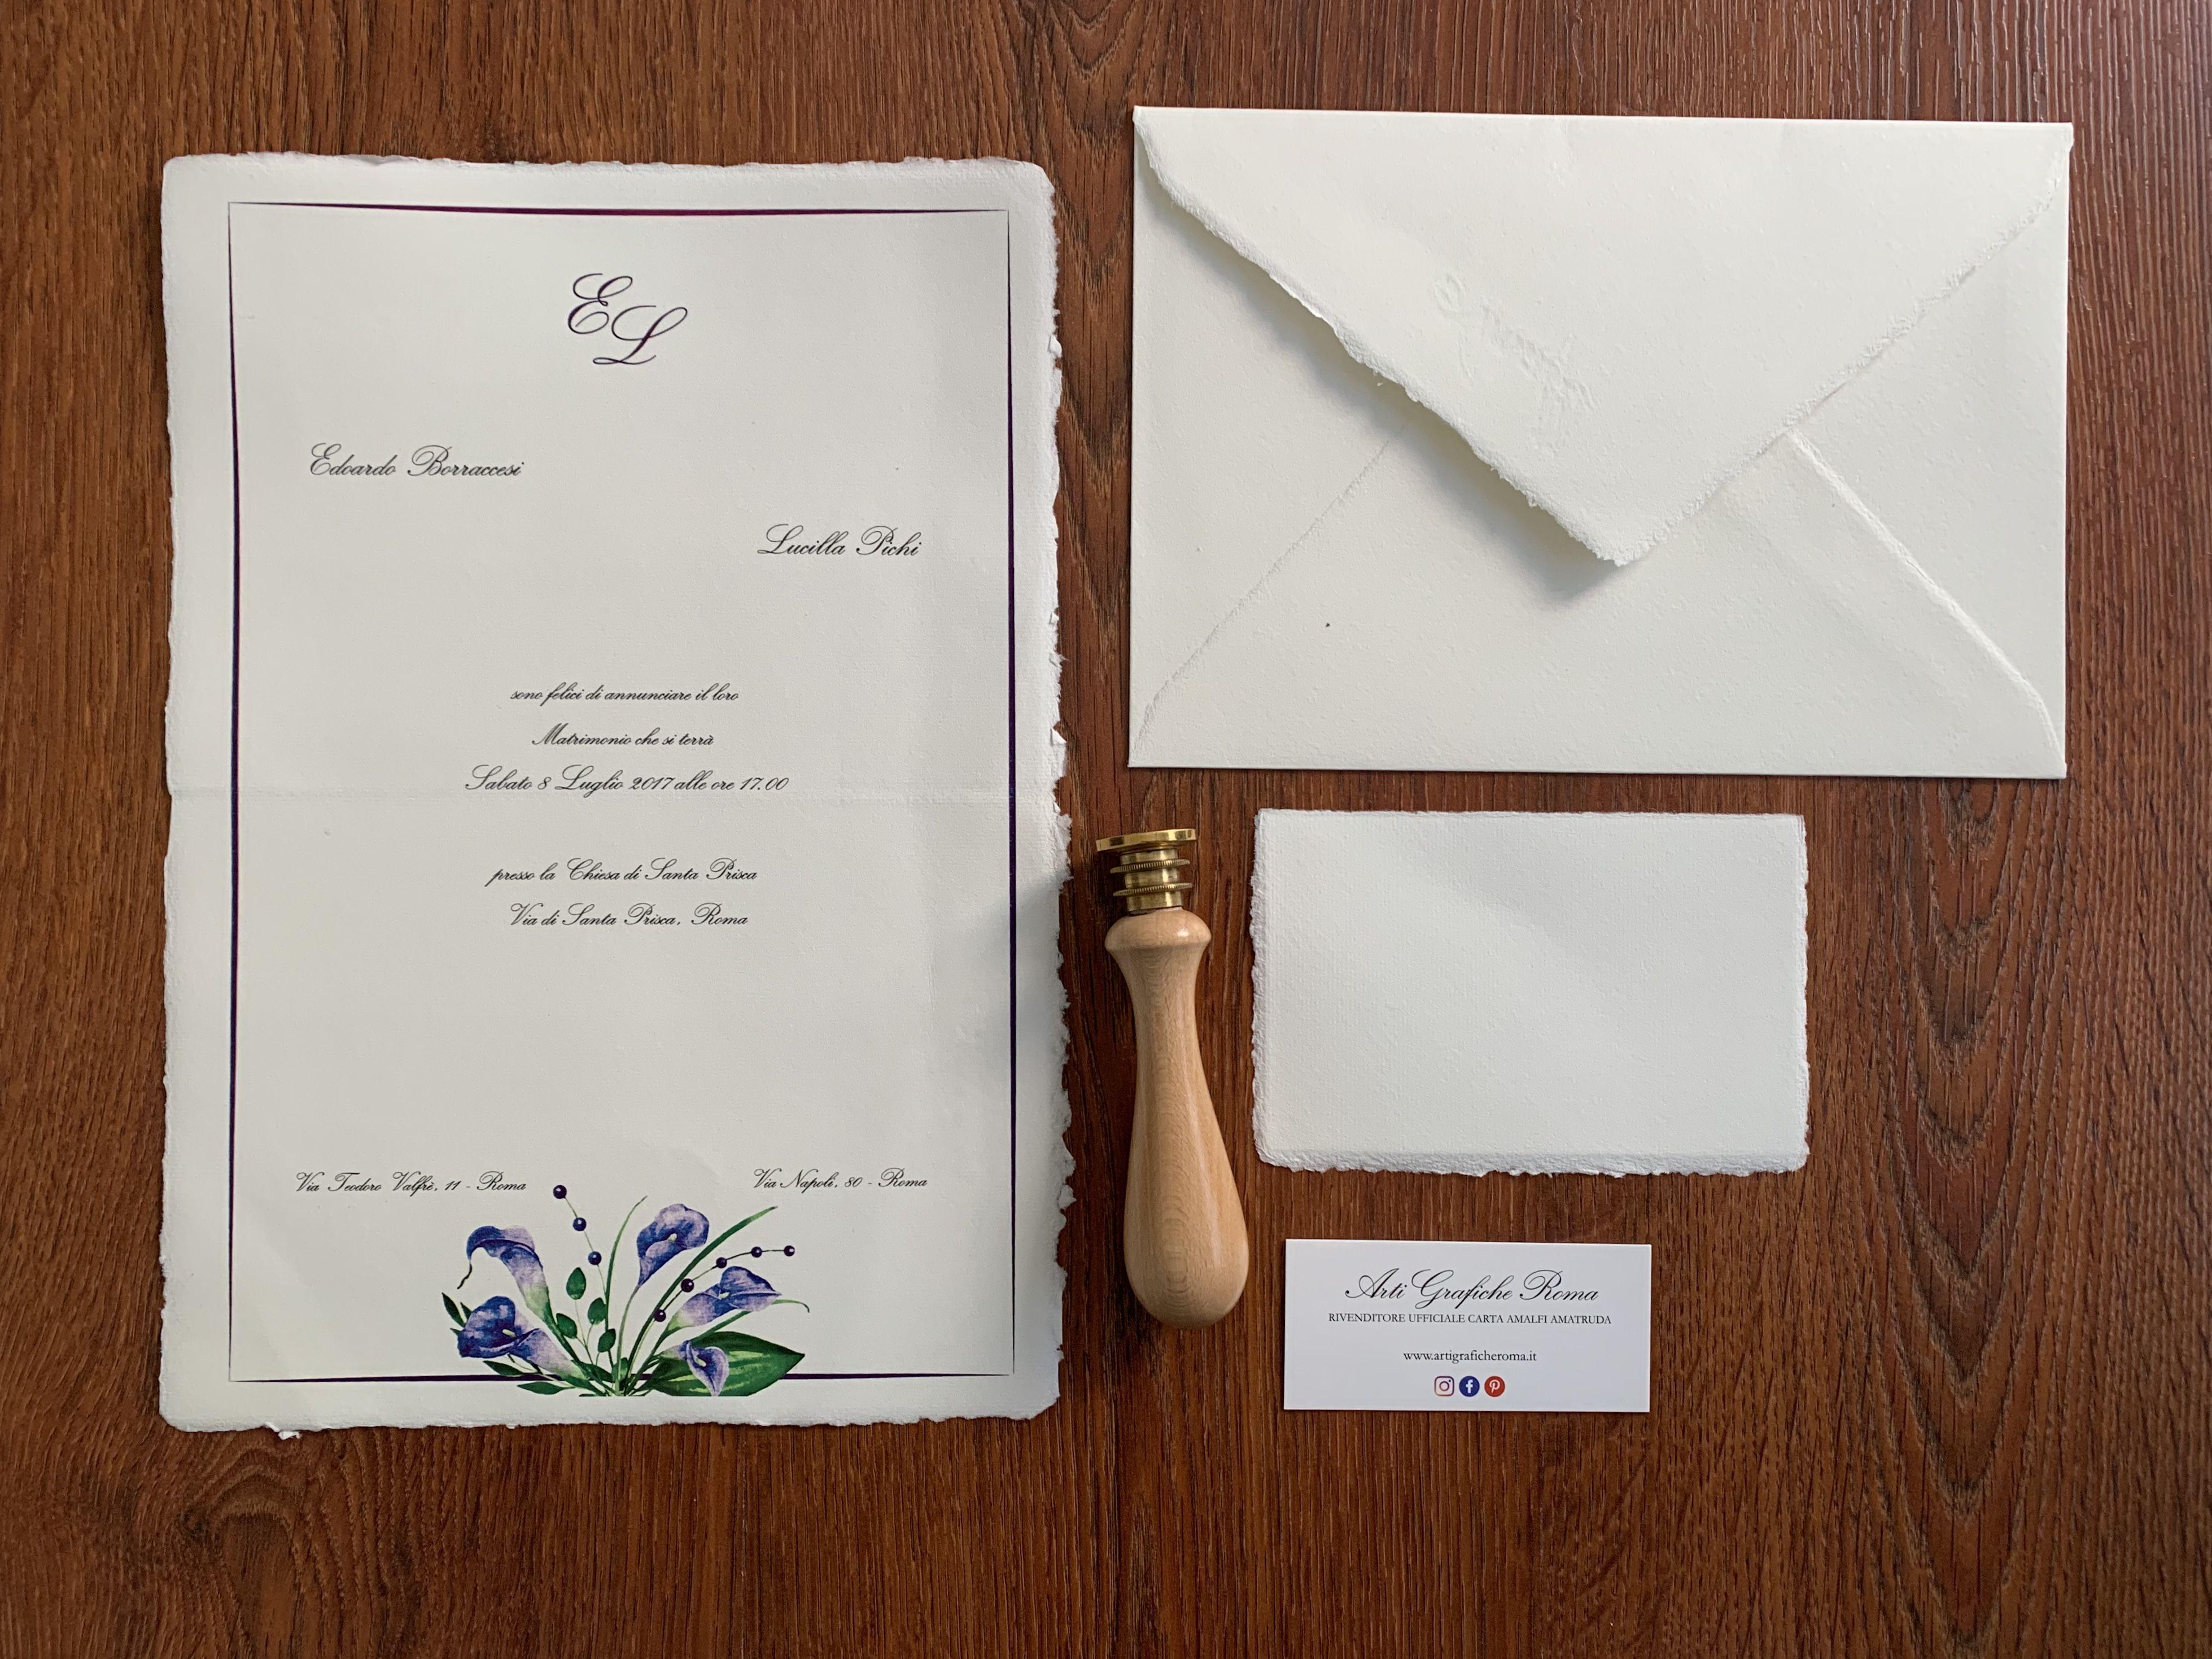 Partecipazioni Di Matrimonio In Carta Amalfi Partecipazioni Nozze Partecipazione Di Matrimonio Matrimonio Carta